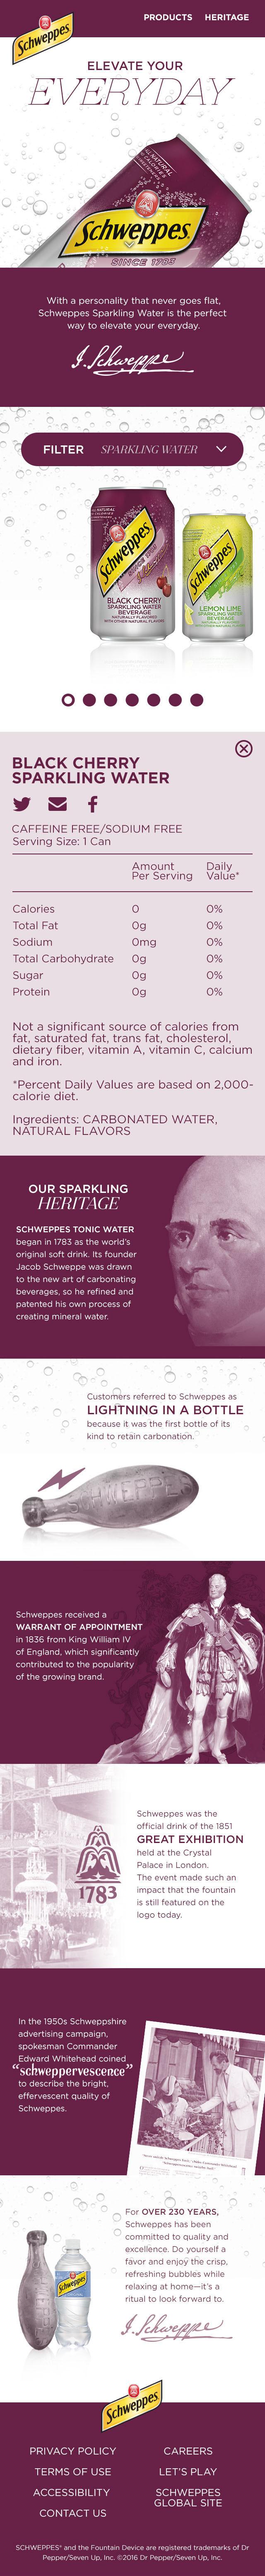 Website Web Design  schweppes online mobile desktop sparkling water heritage